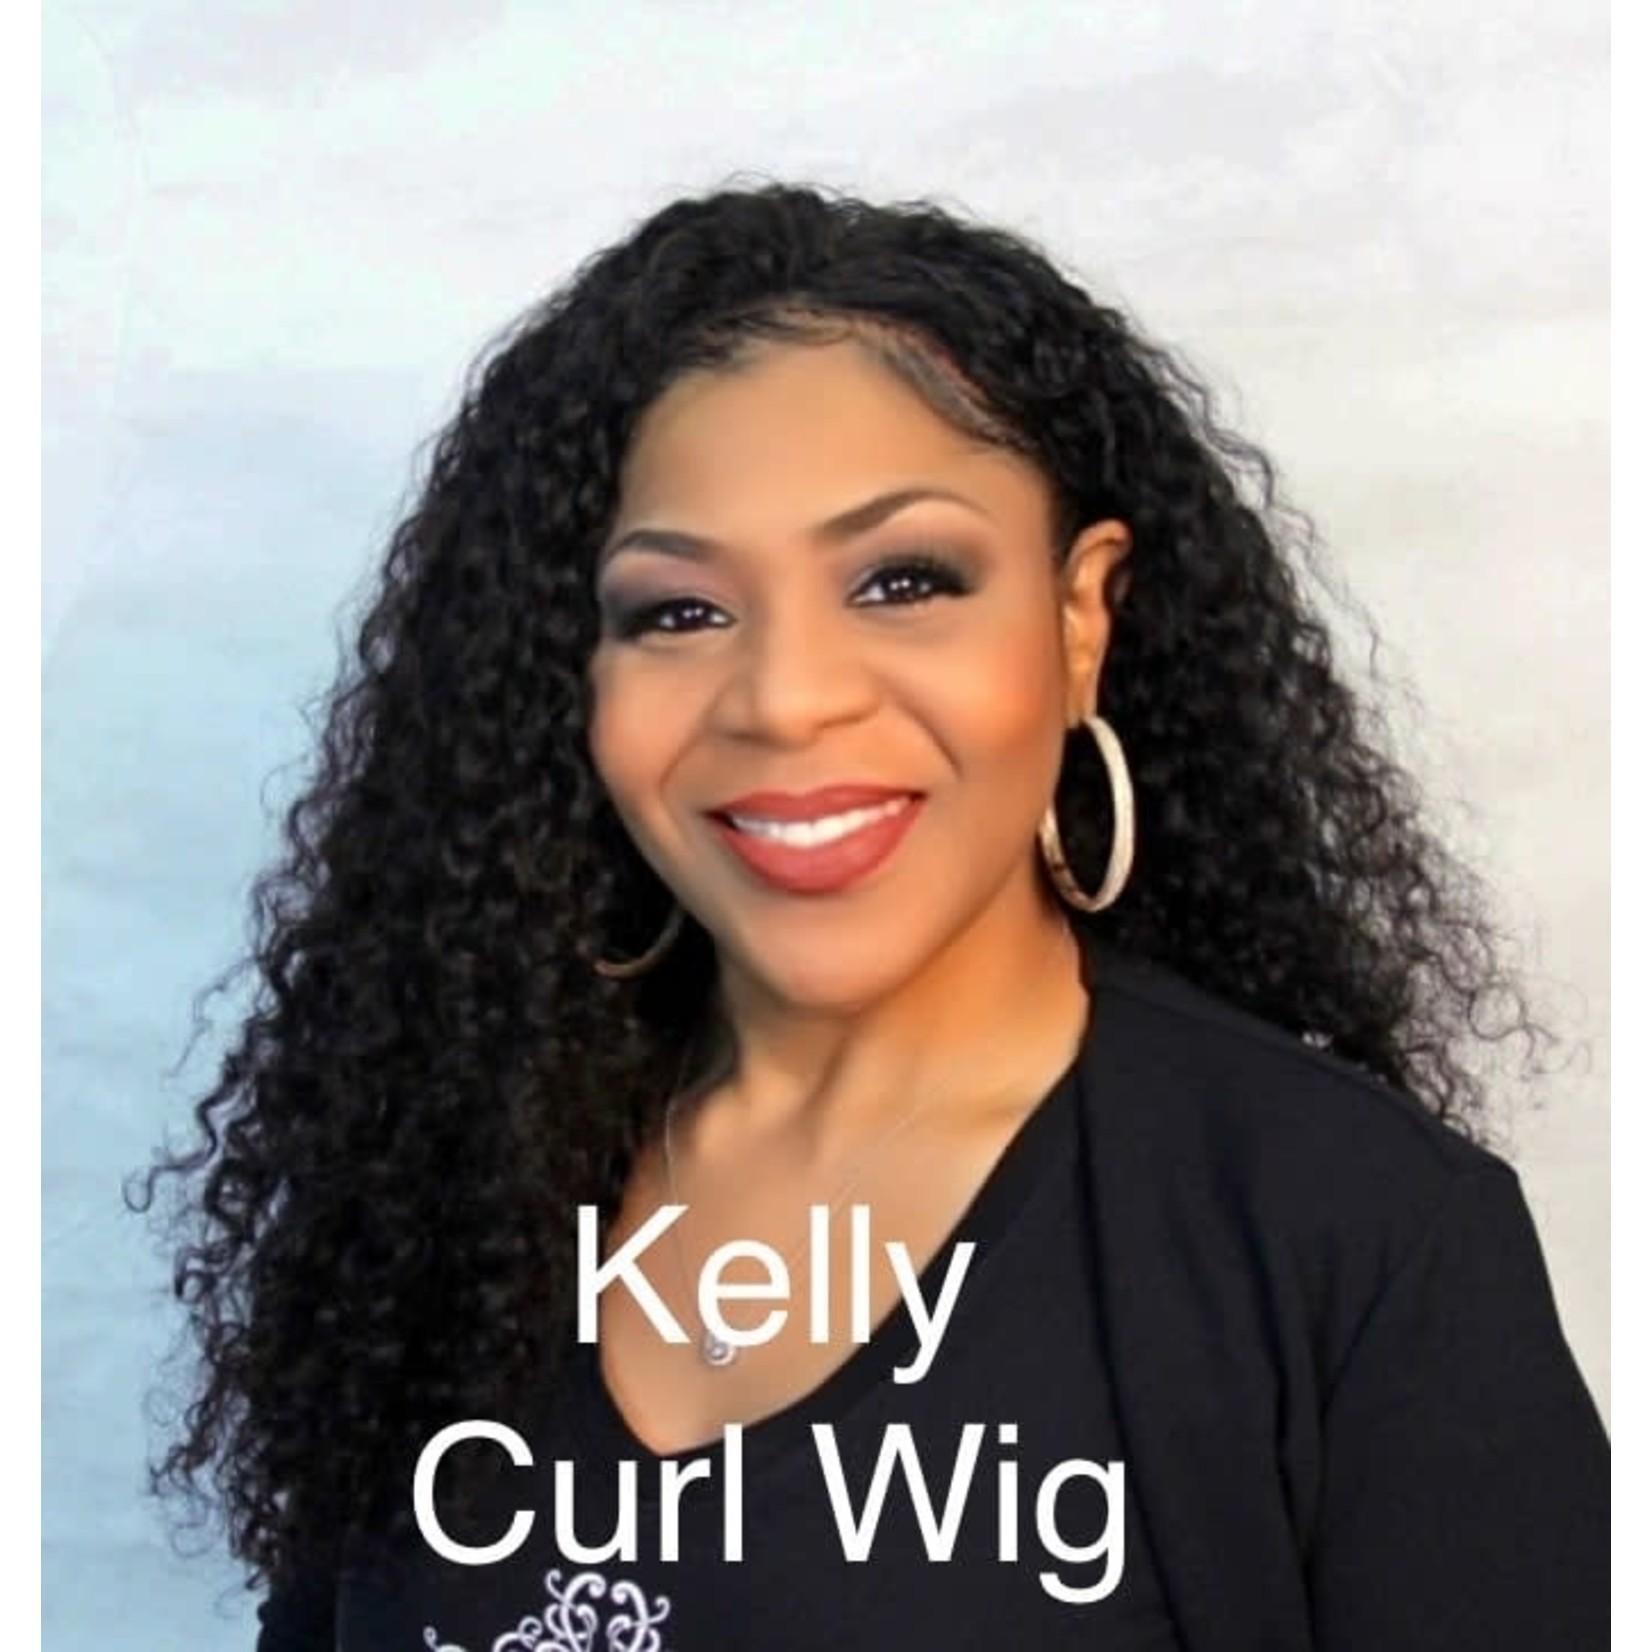 405 - Kelly Curl